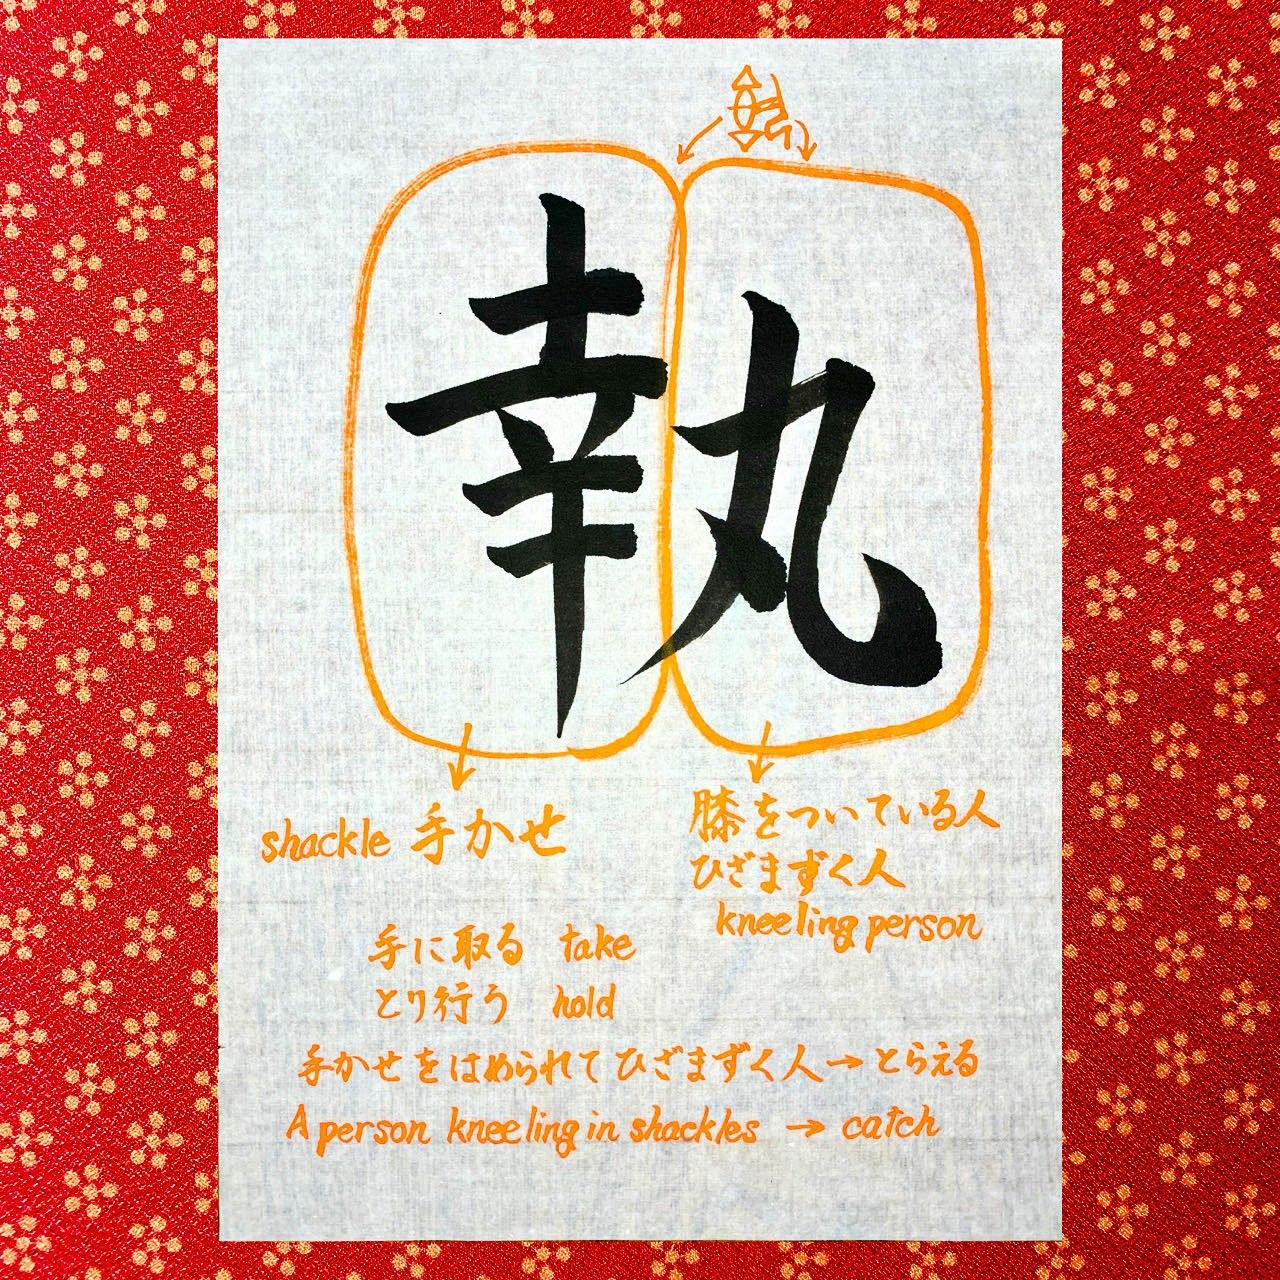 【執】は手枷をはめられてひざまずく人を表している漢字